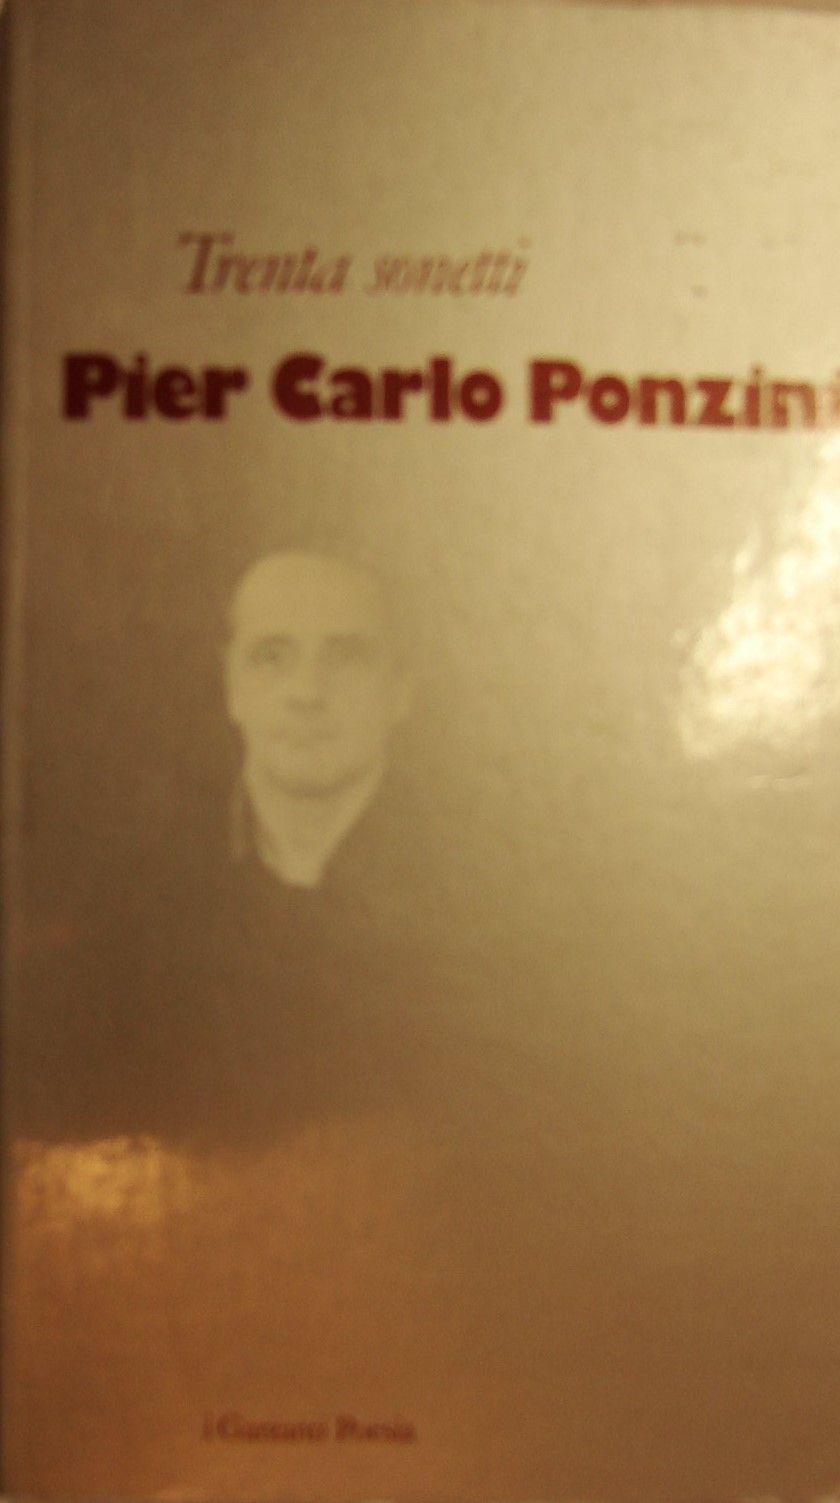 """""""Trenta sonetti"""" di Pier Carlo Ponzini in bancarella"""